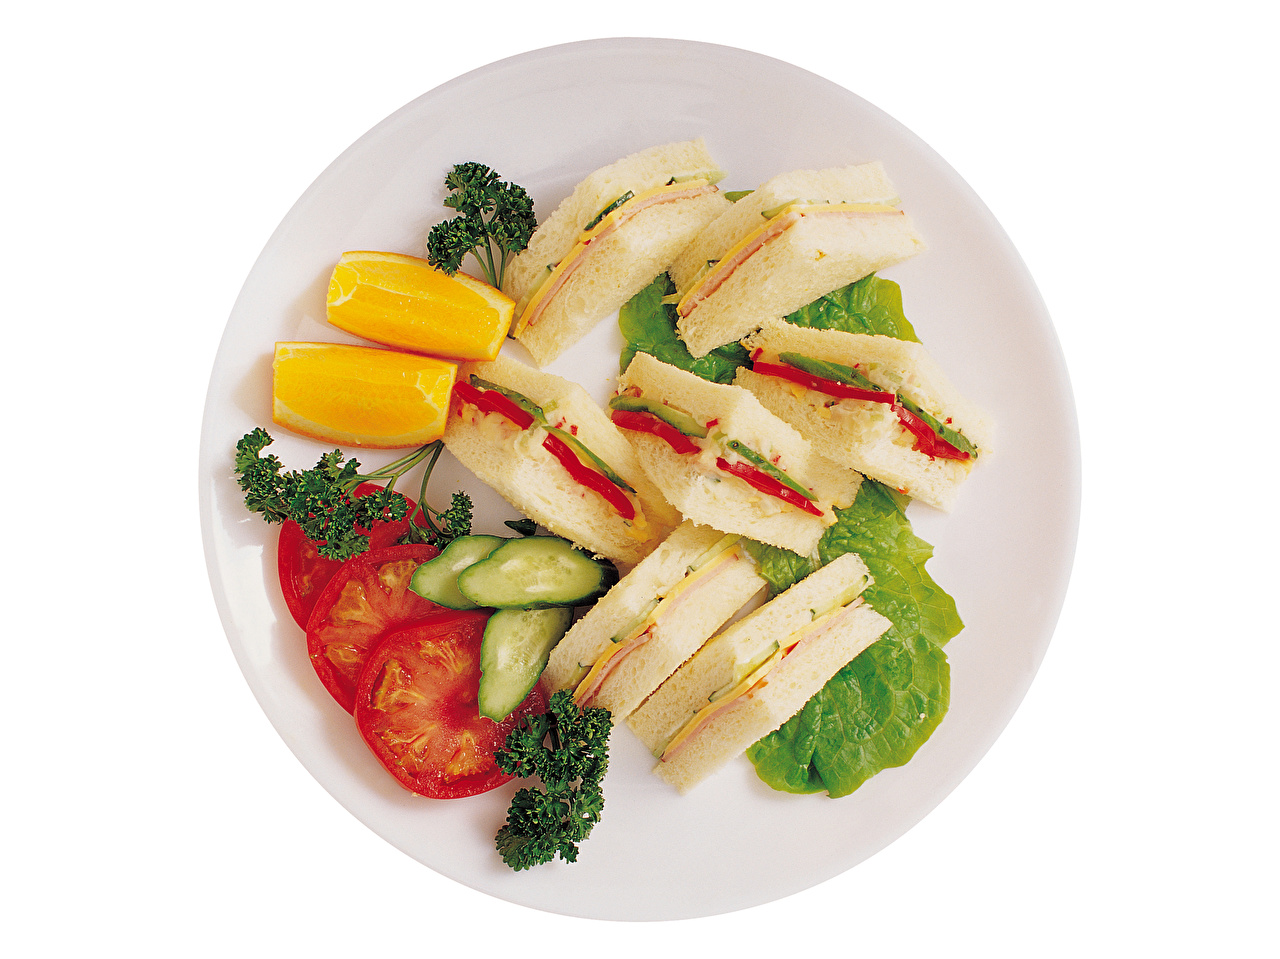 Фото Помидоры Апельсин Бутерброды Пища Томаты бутерброд Еда Продукты питания